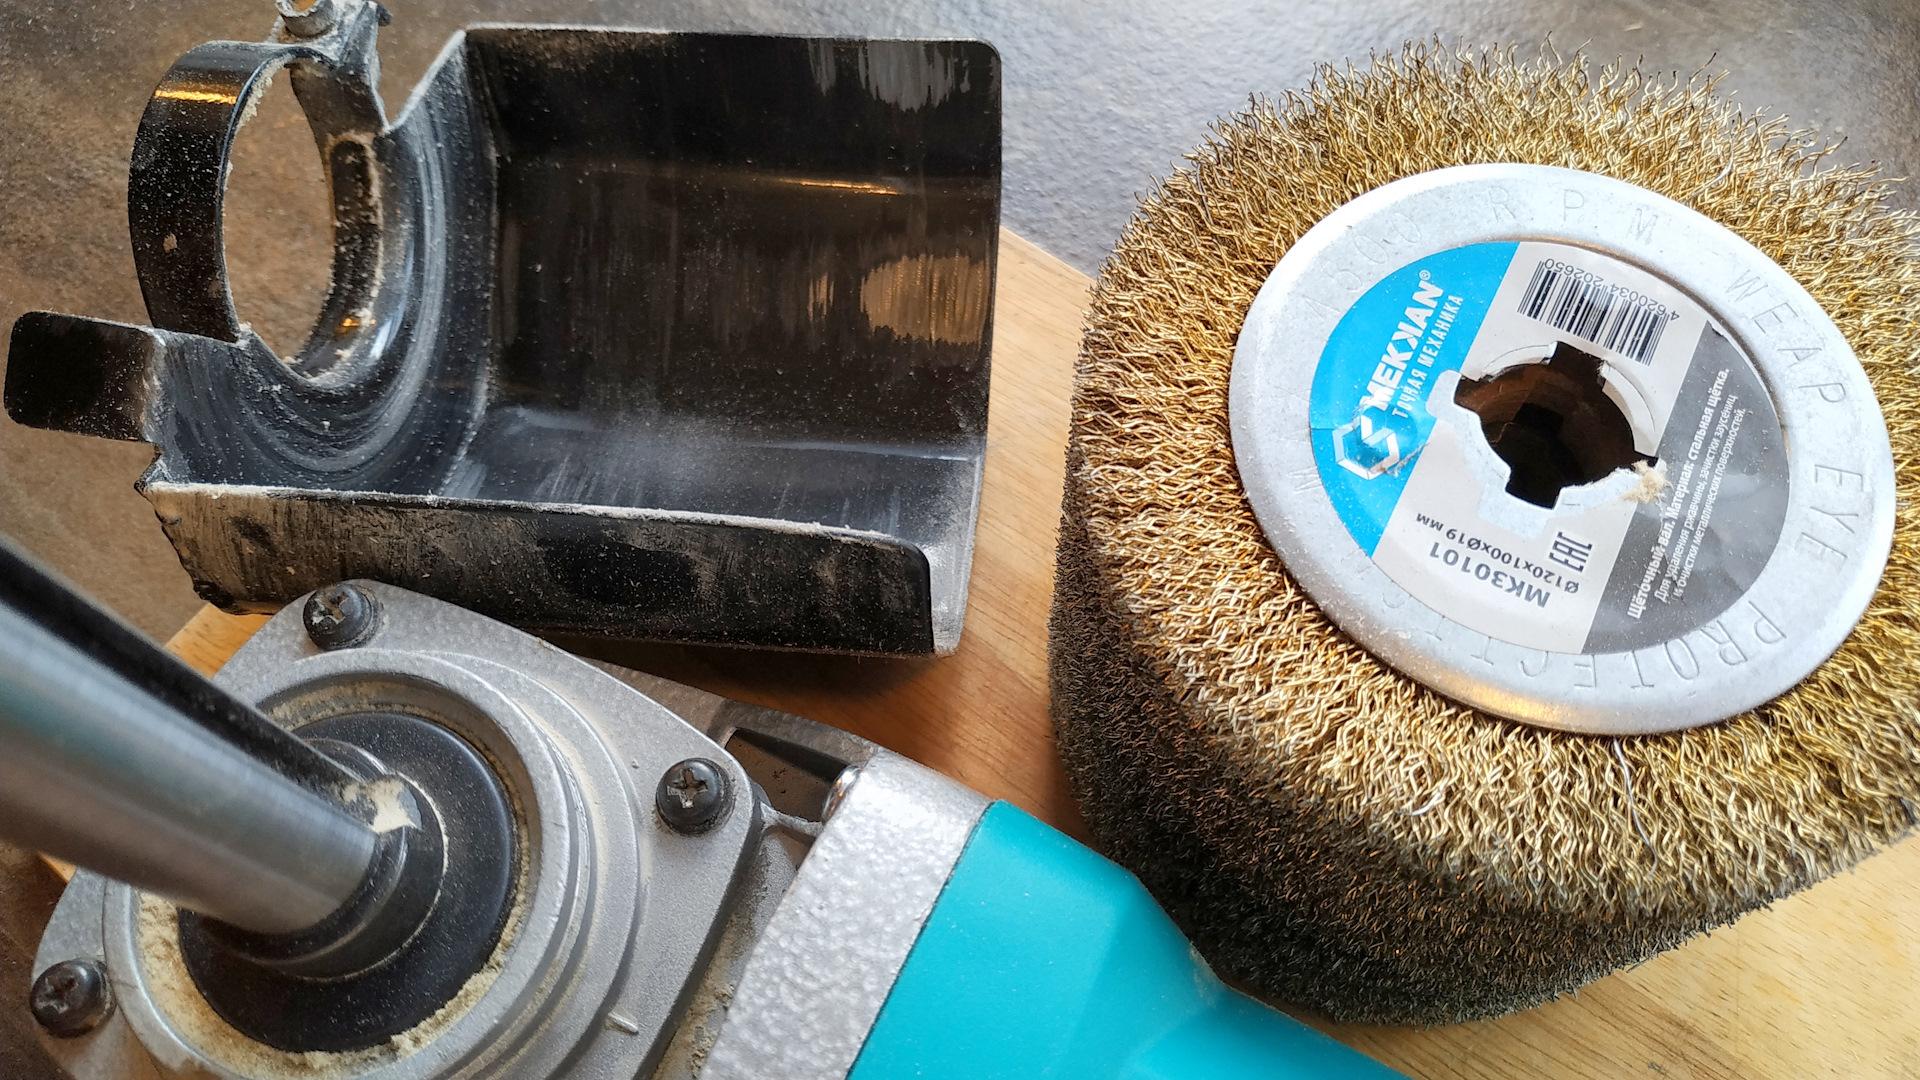 Насадка на болгарку для шлифовки дерева ушм: видео-инструкция по монтажу своими руками, фото и цена